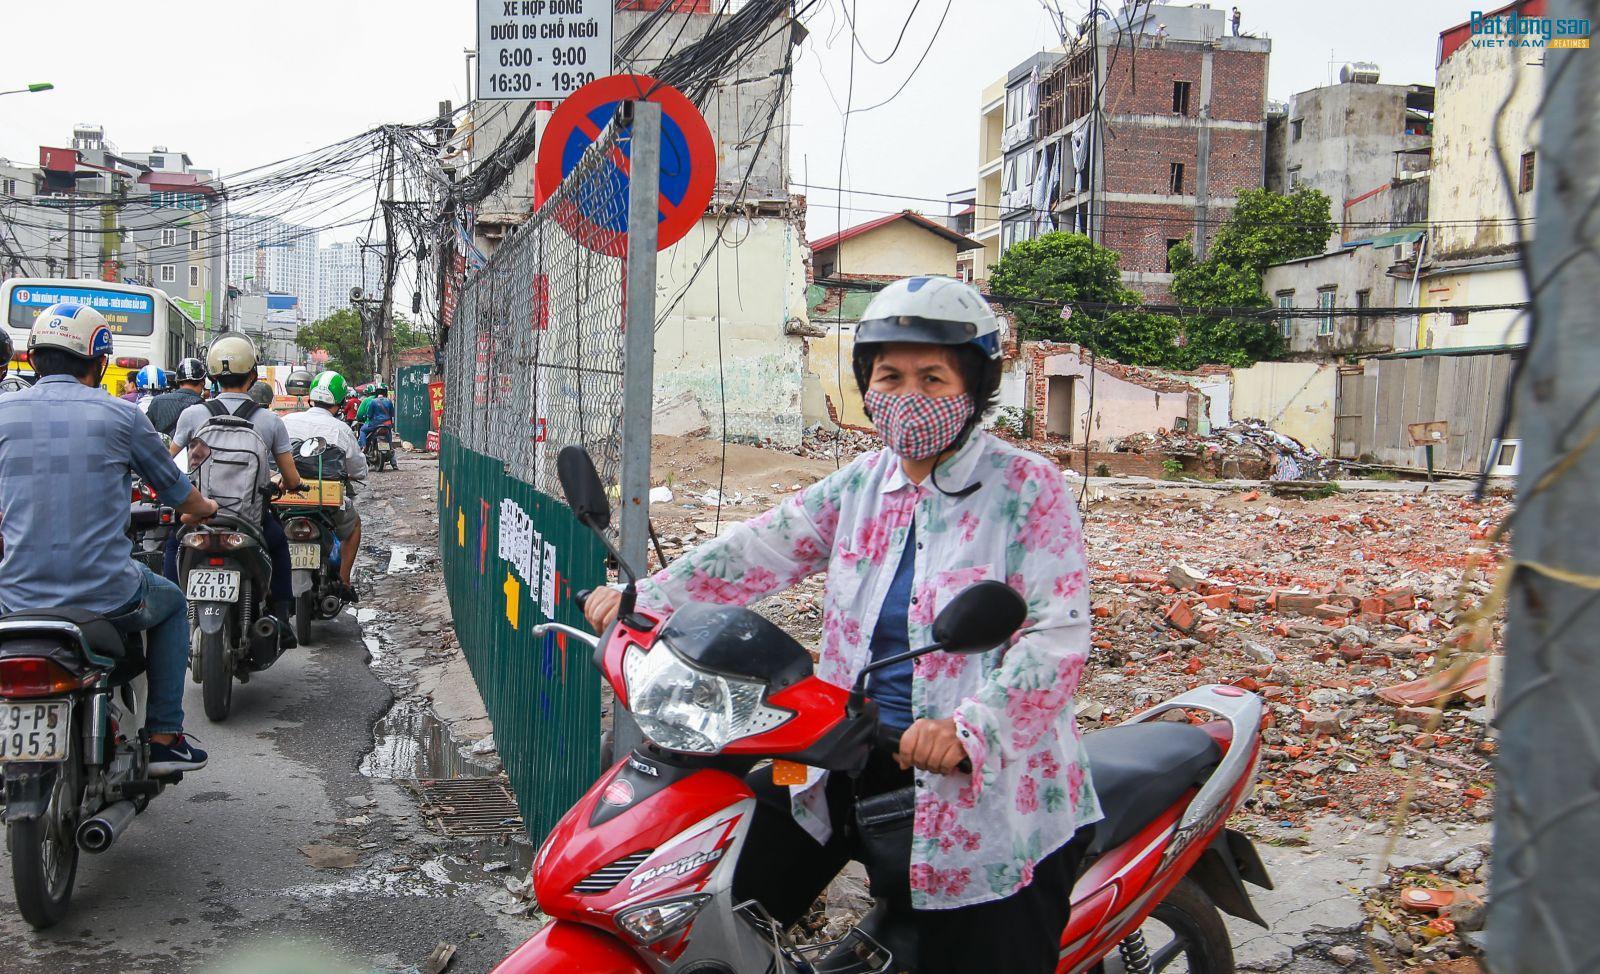 Nhiều hộ dân sống trong ngõ thường xuyên phải đi xe vượt qua khu vực giải tỏa để ra mặt đường chính